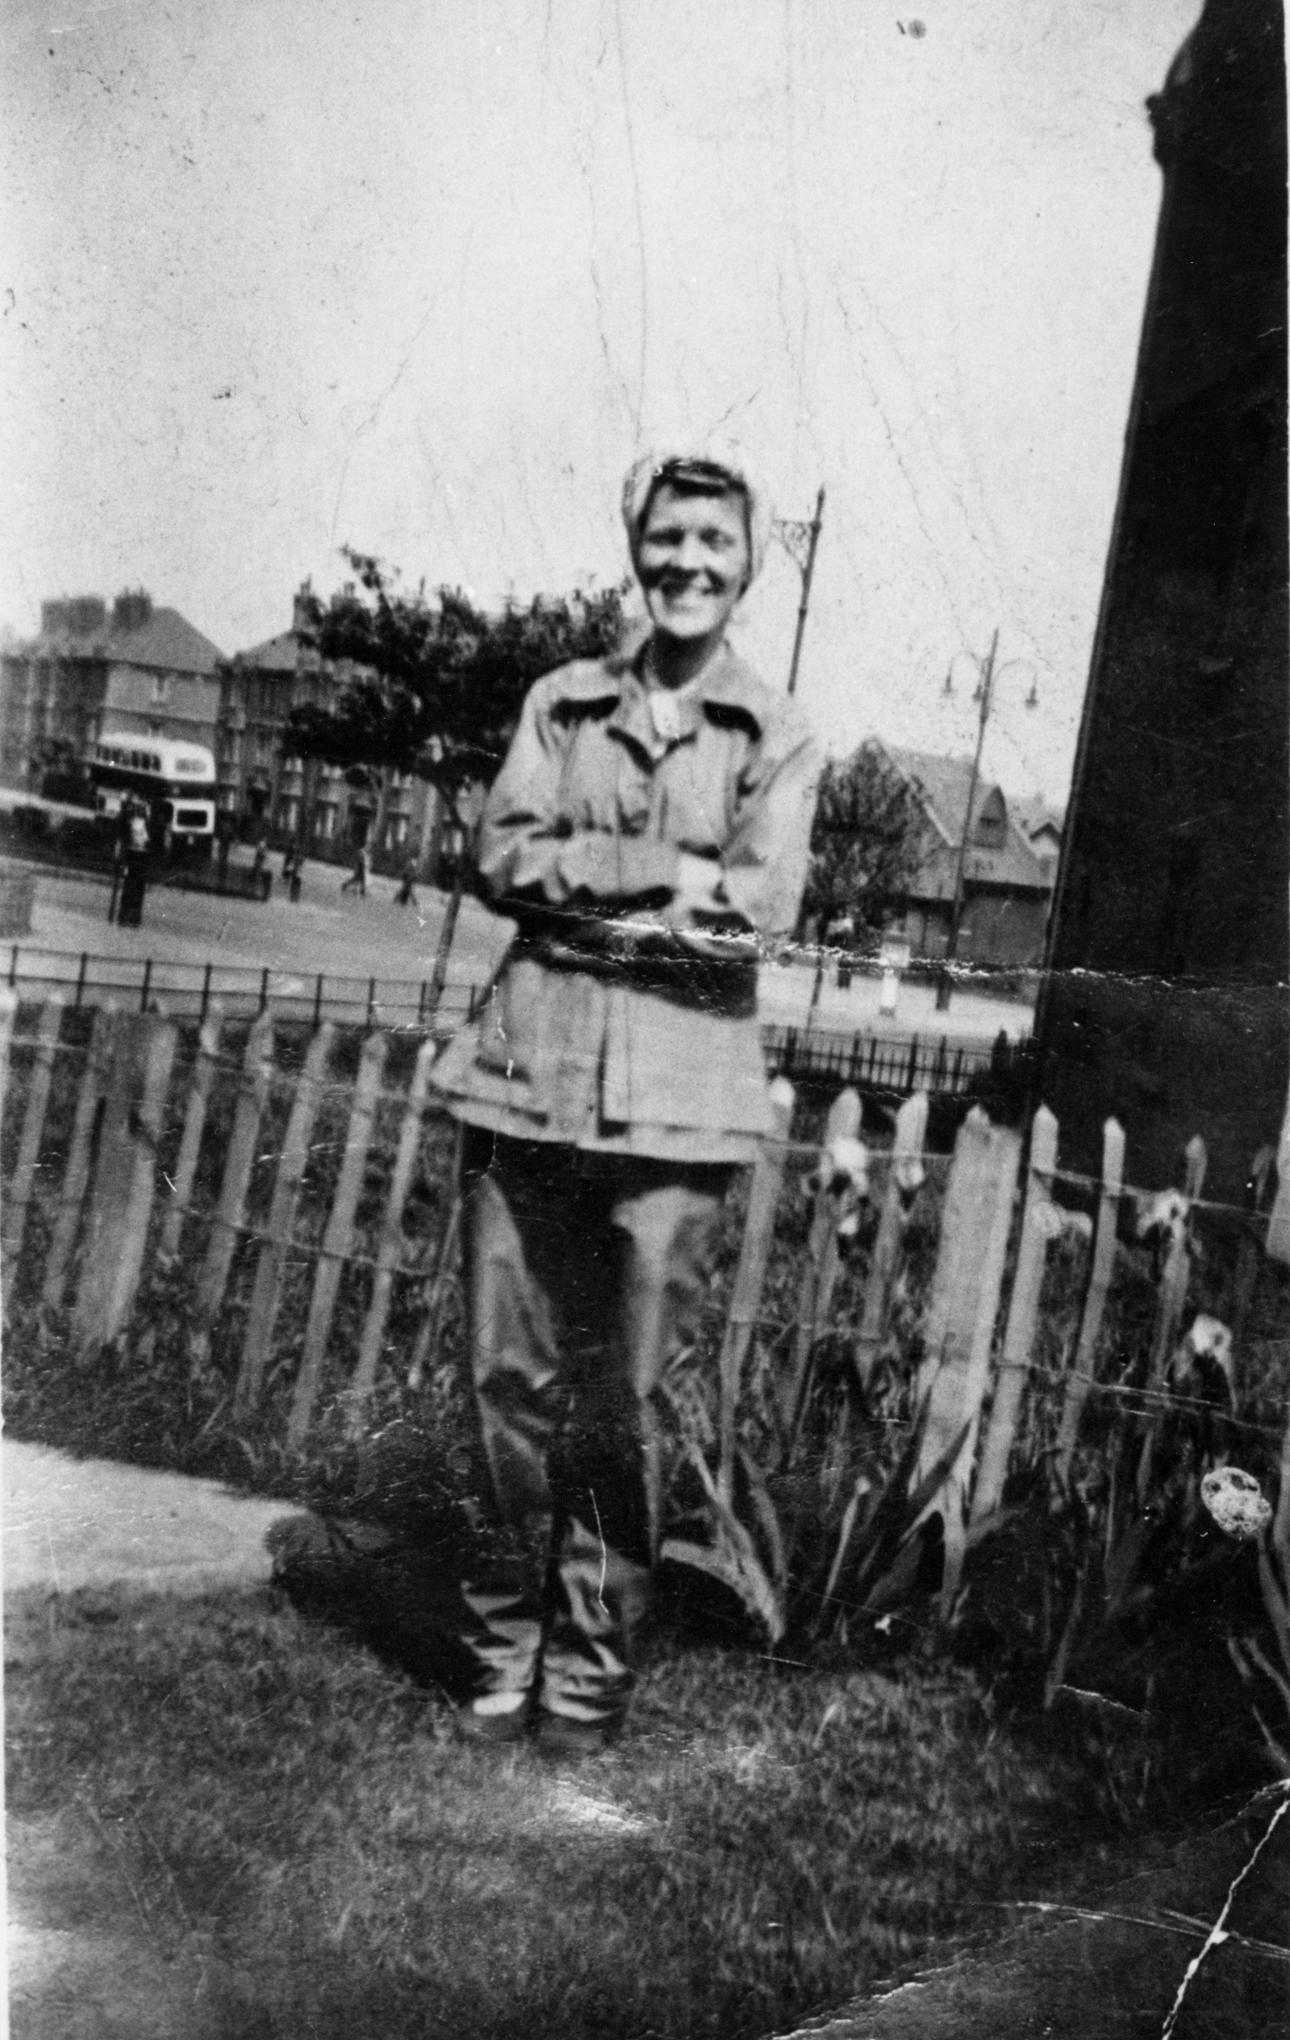 Woman In Workclothes In Garden At Lochend 1940s